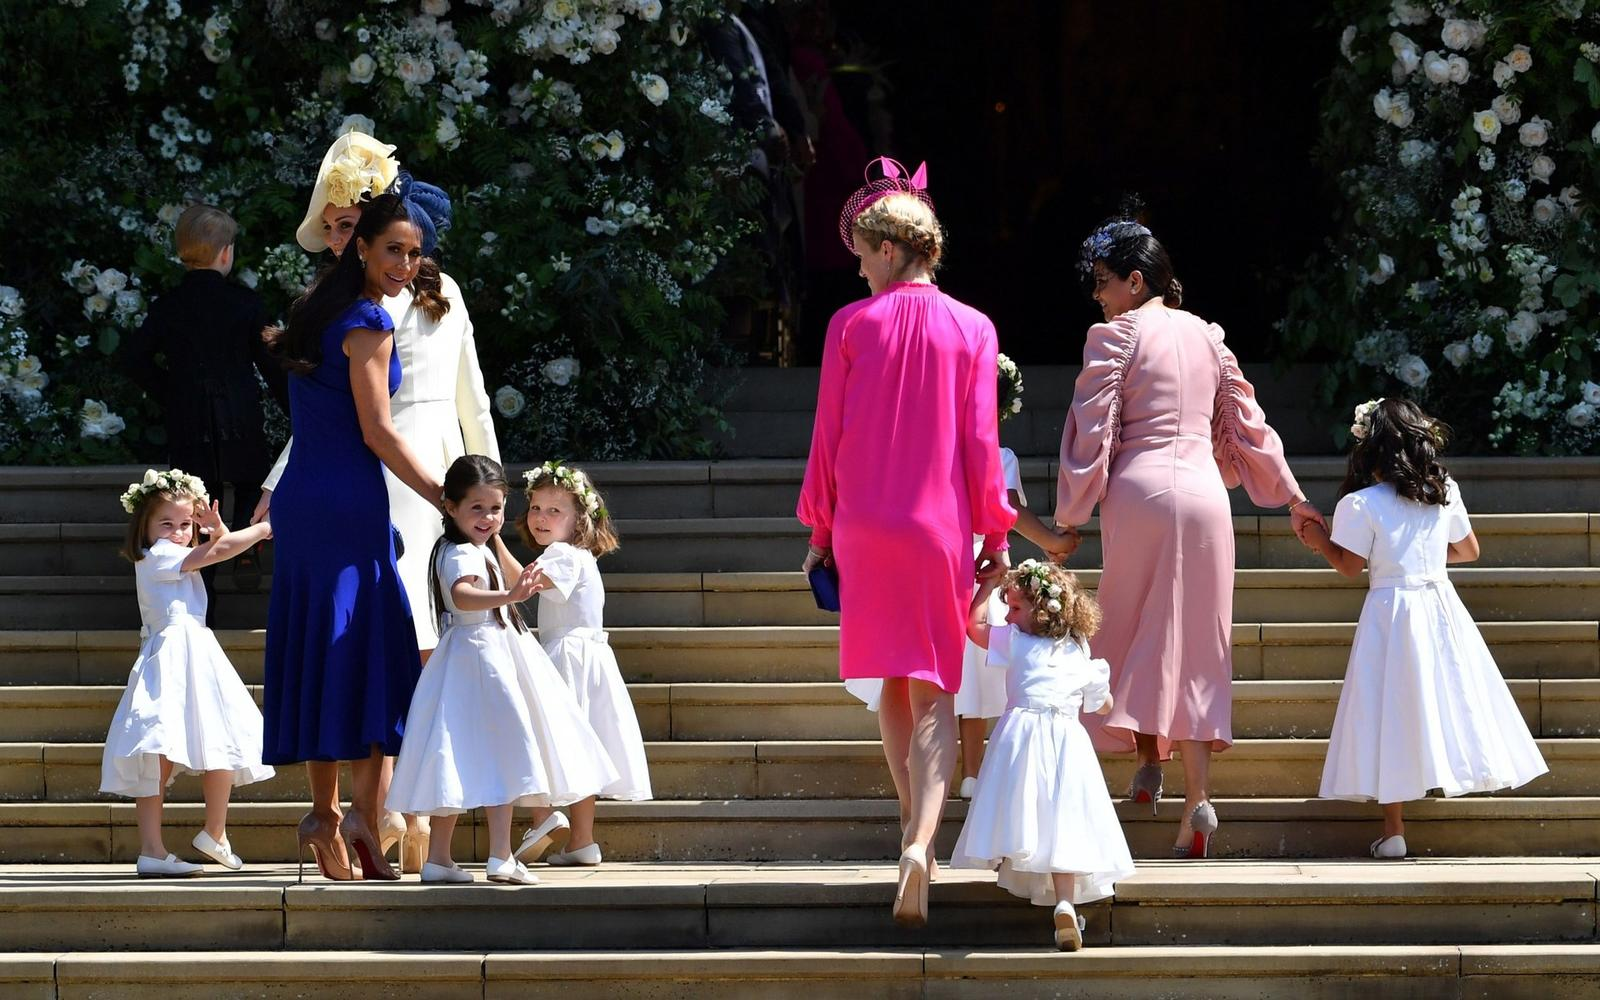 Kráľovská svadba Meghan a Harryho - Obrázok č. 12